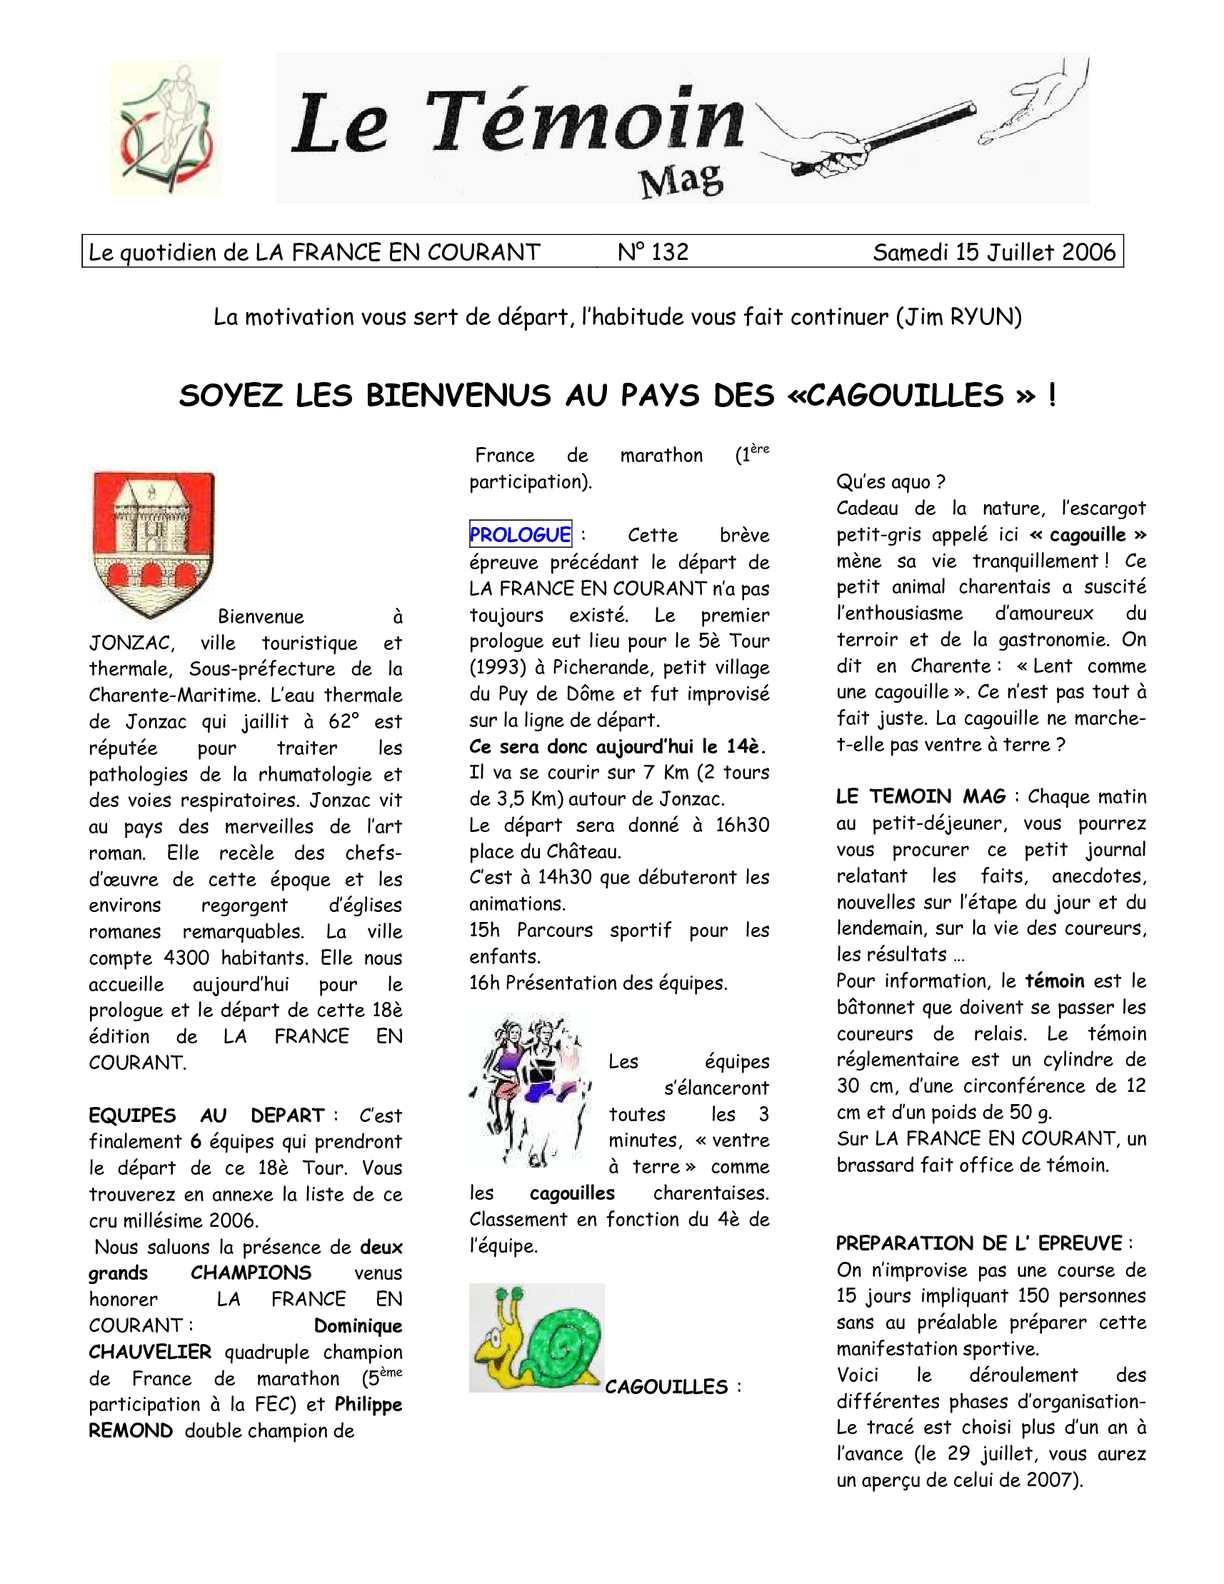 Michel Courvallet La Barre En Ouche dedans calaméo - témoins fec 2006